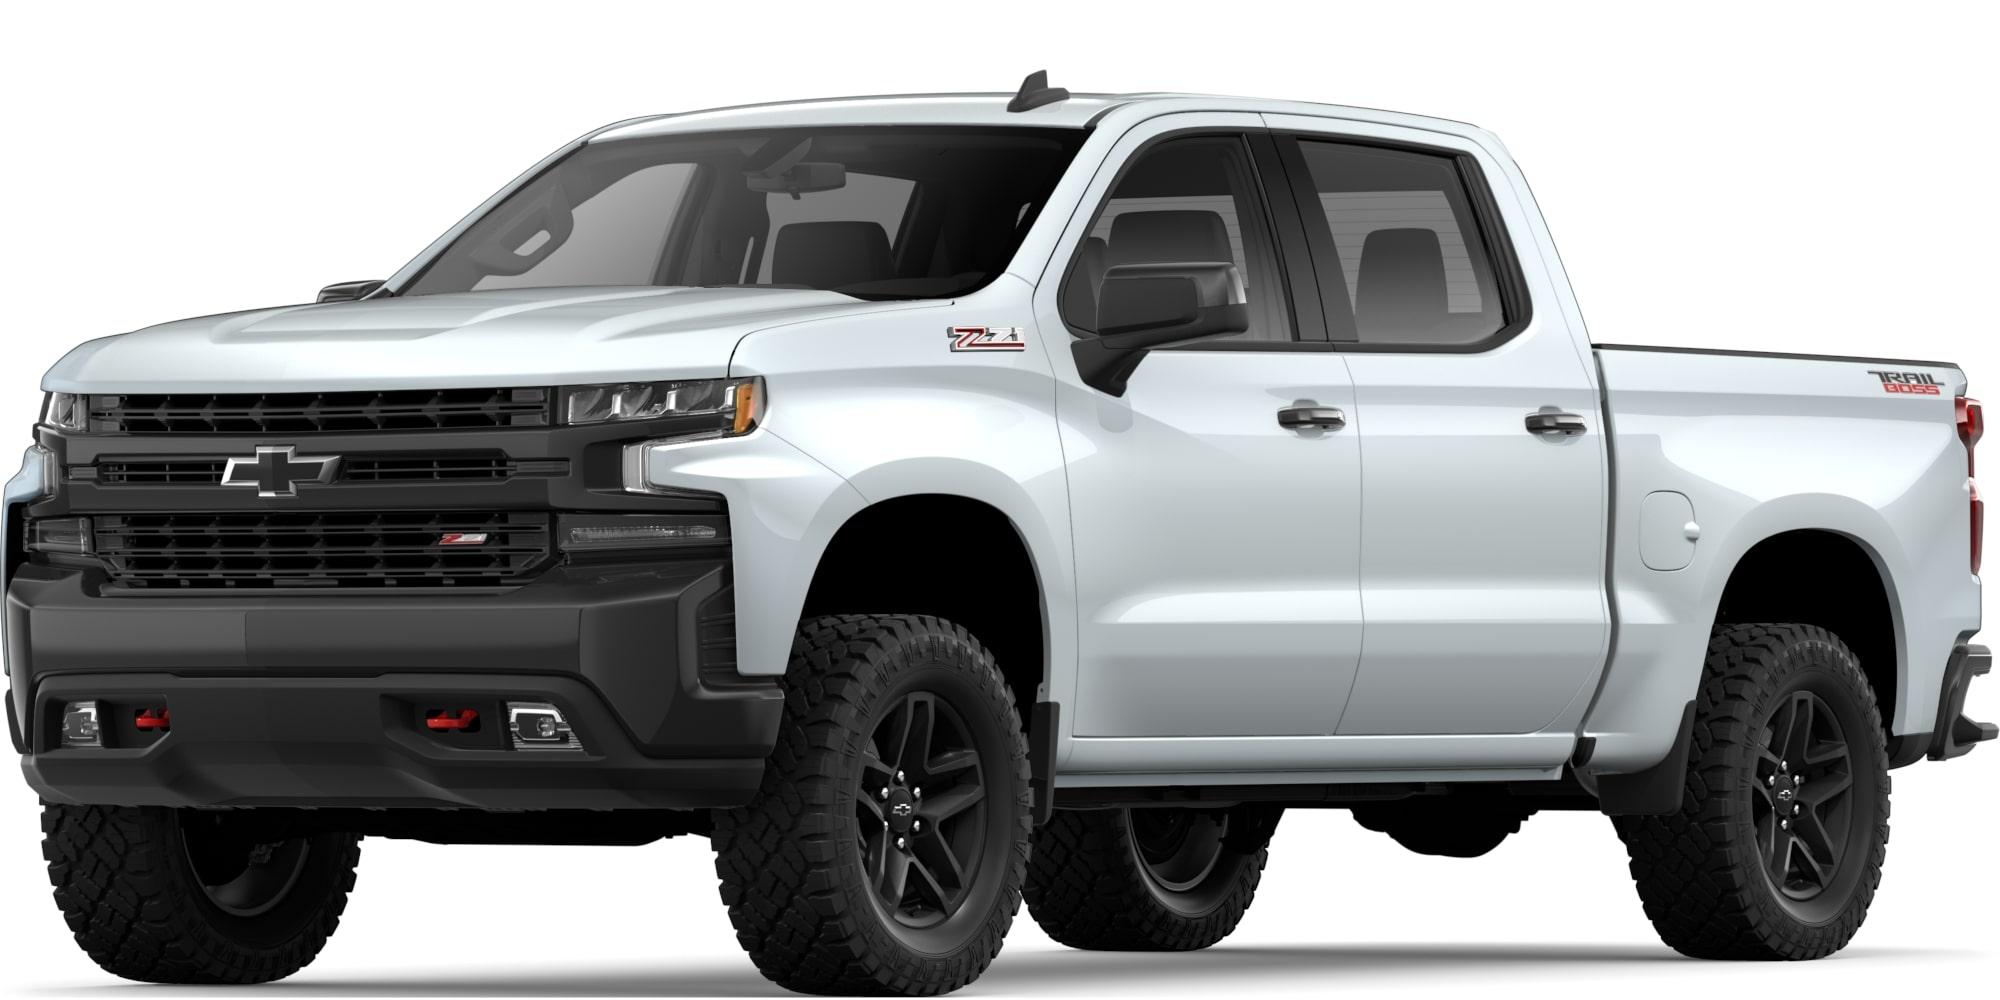 2019 Chevrolet Silverado 1500 Sacramento